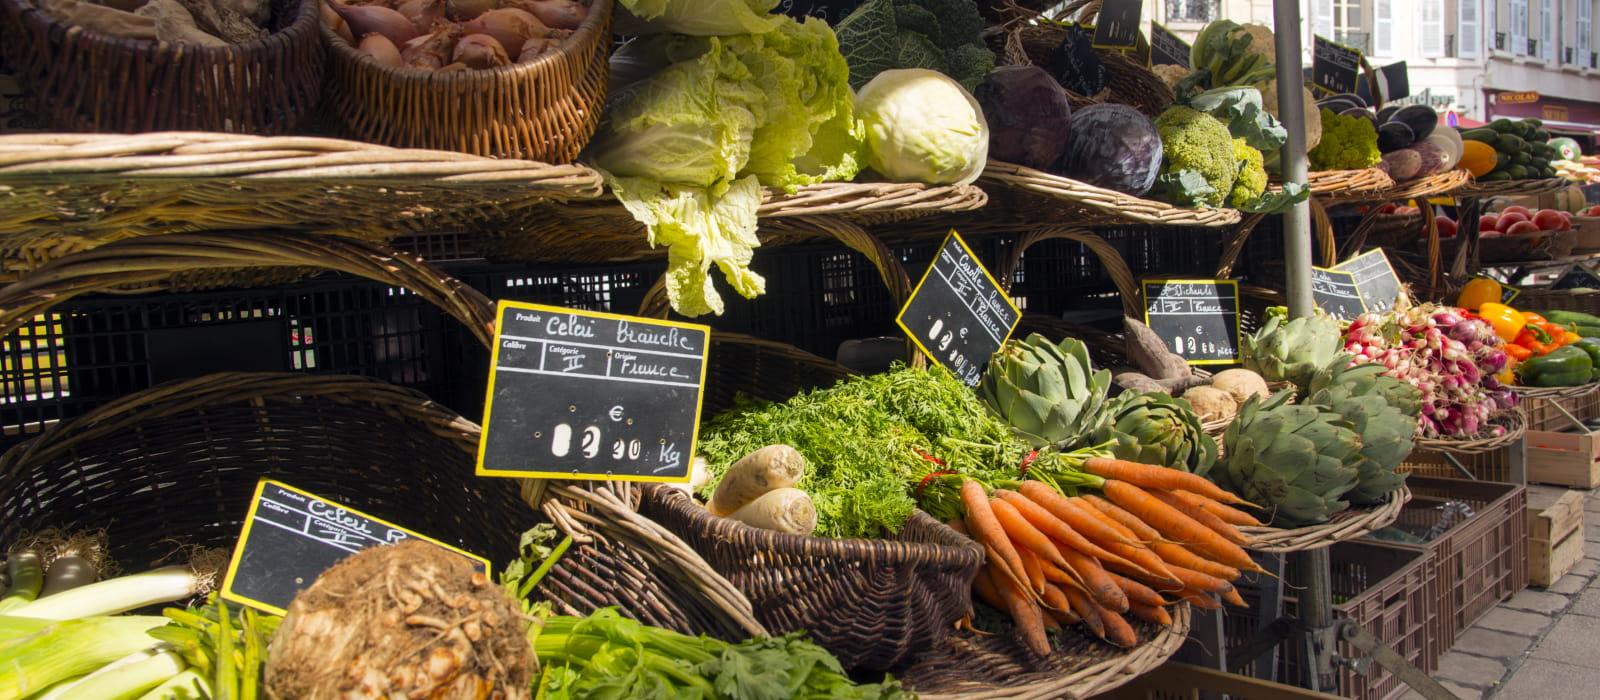 Légumes sur le marché de Beaune